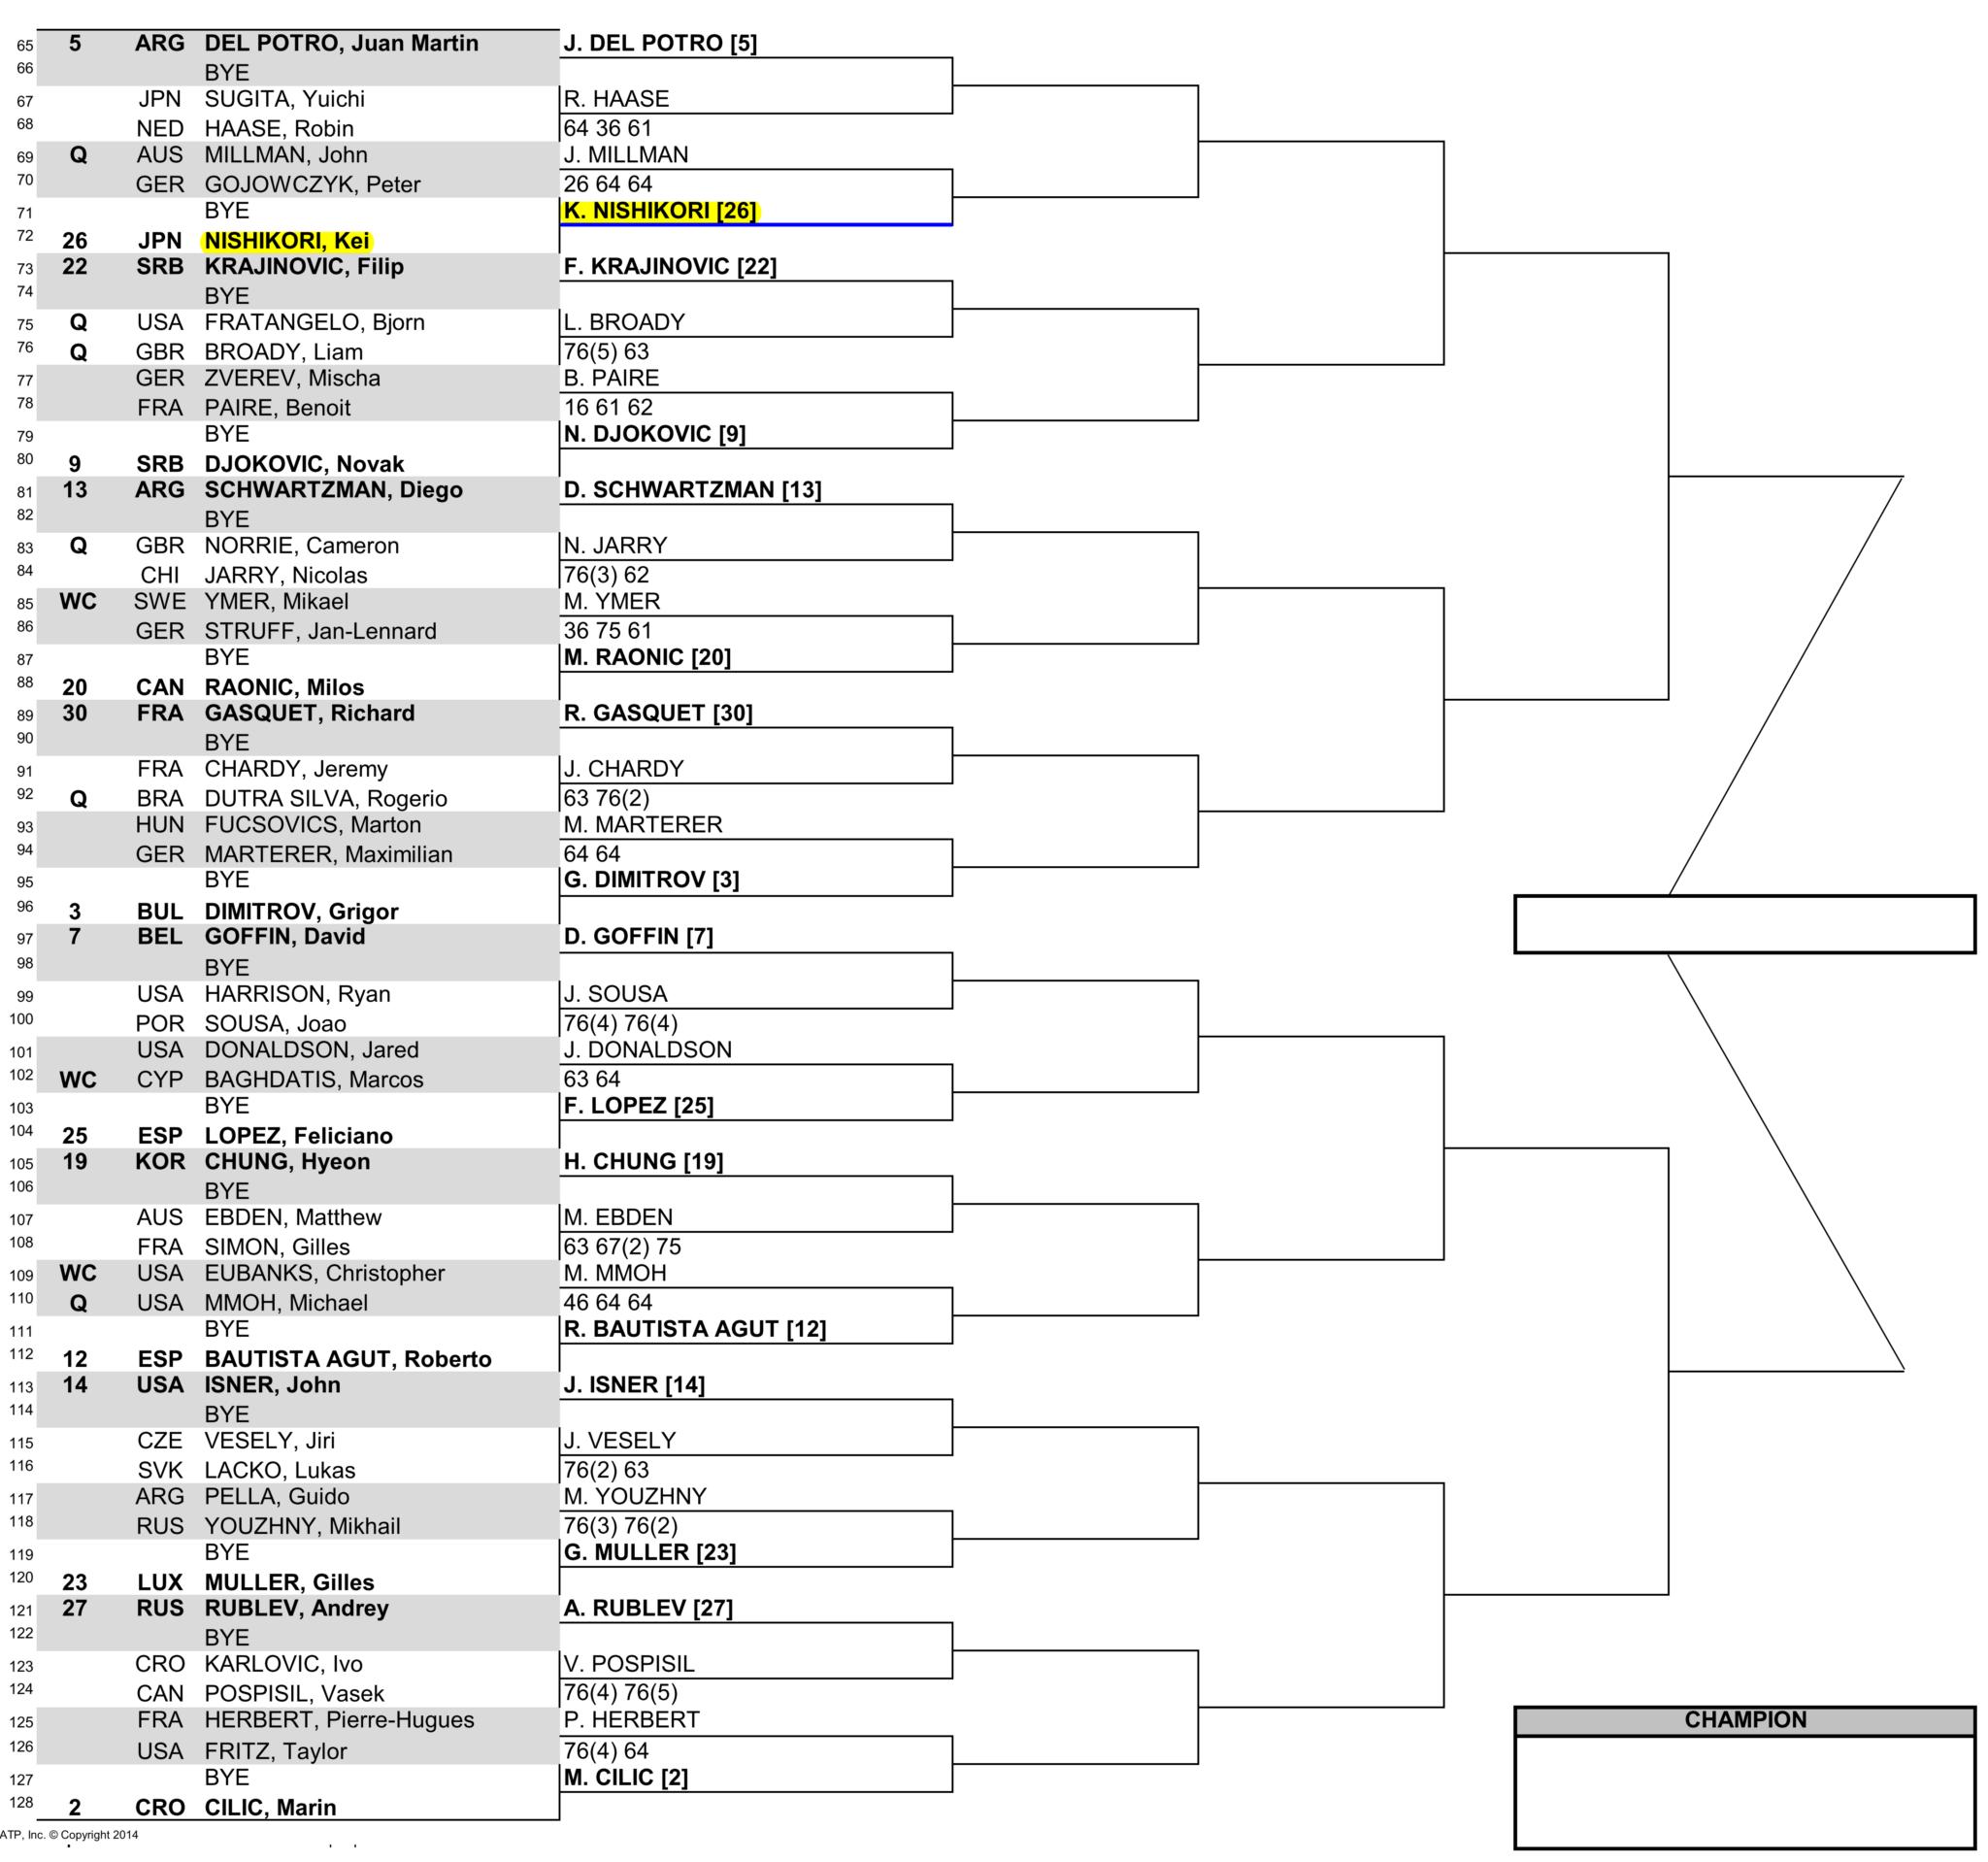 マイアミオープン男子ドロー(トーナメント表)ボトムハーフ